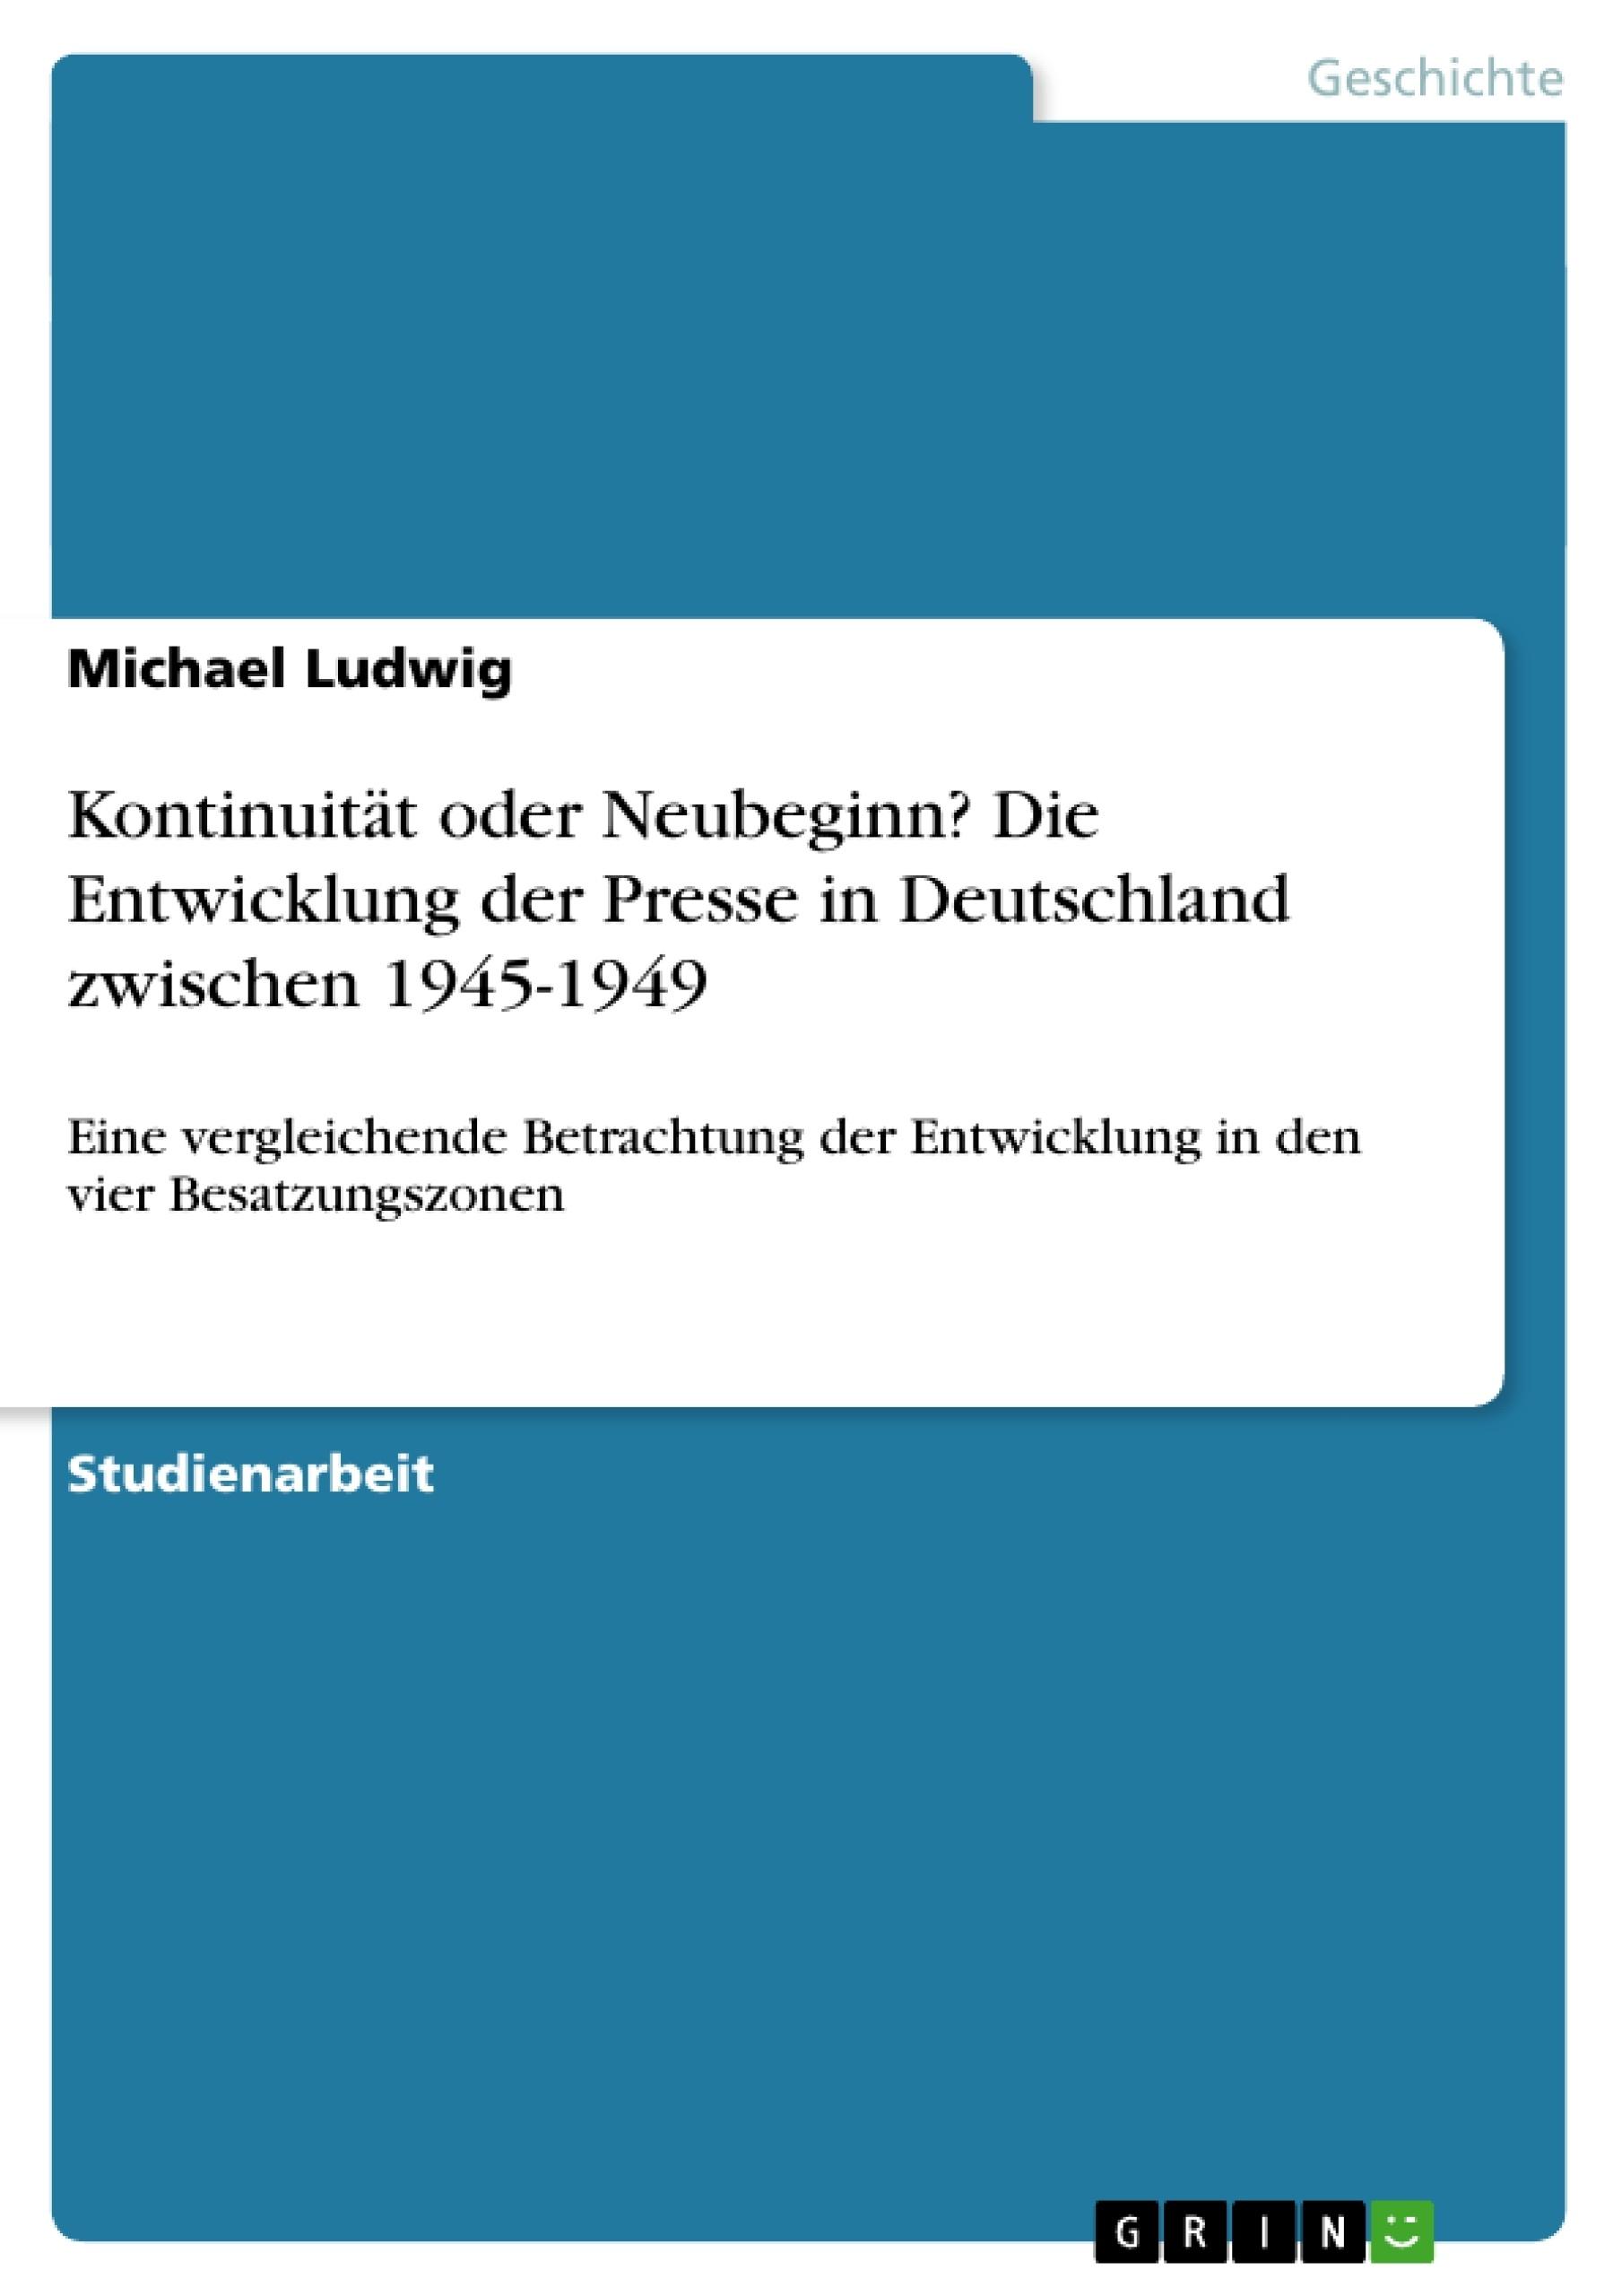 Titel: Kontinuität oder Neubeginn? Die Entwicklung der Presse in Deutschland zwischen 1945-1949